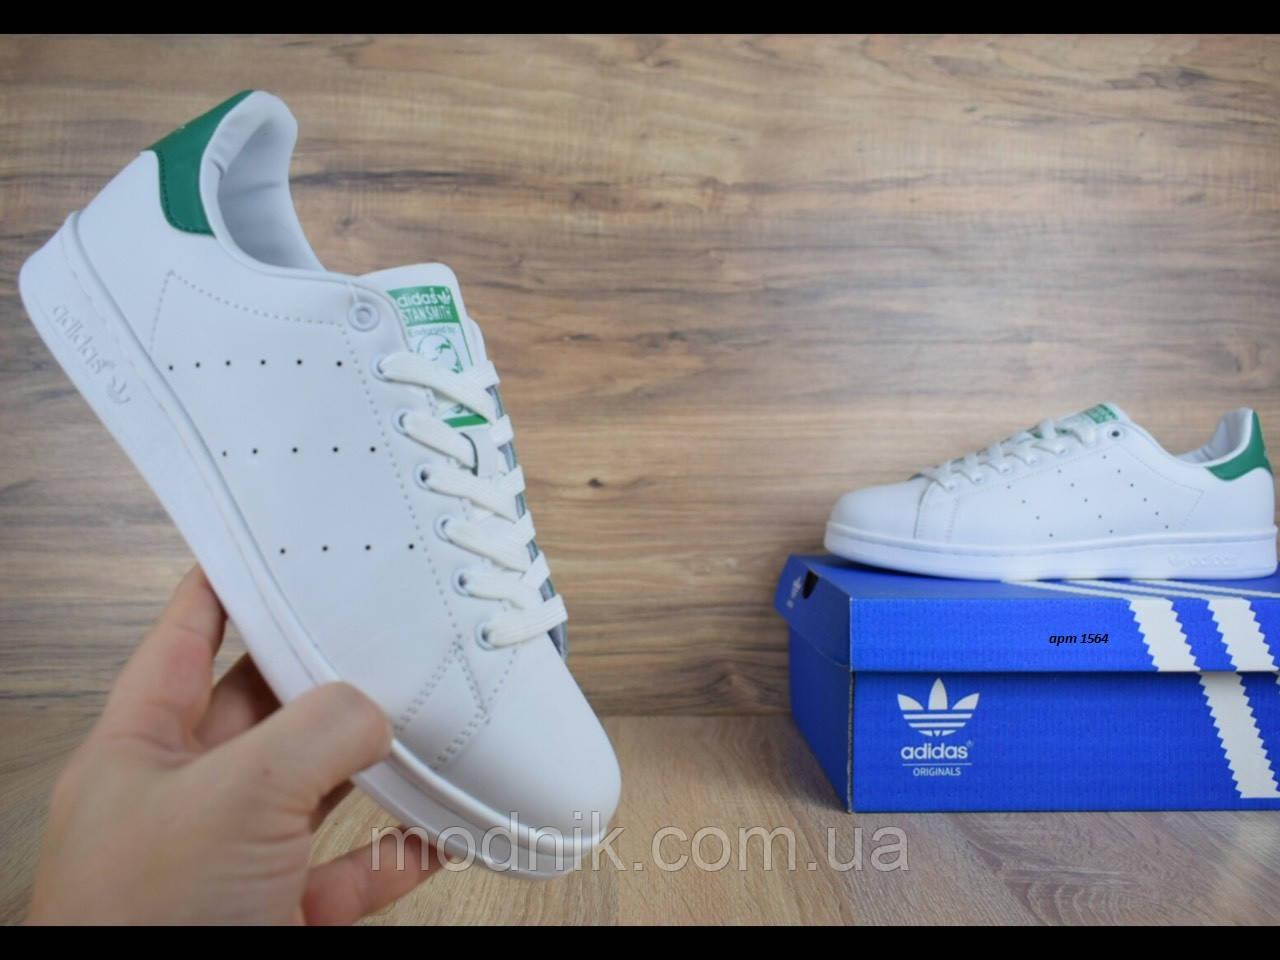 Мужские кроссовки Adidas Stan Smith (бело-зеленые) 1564